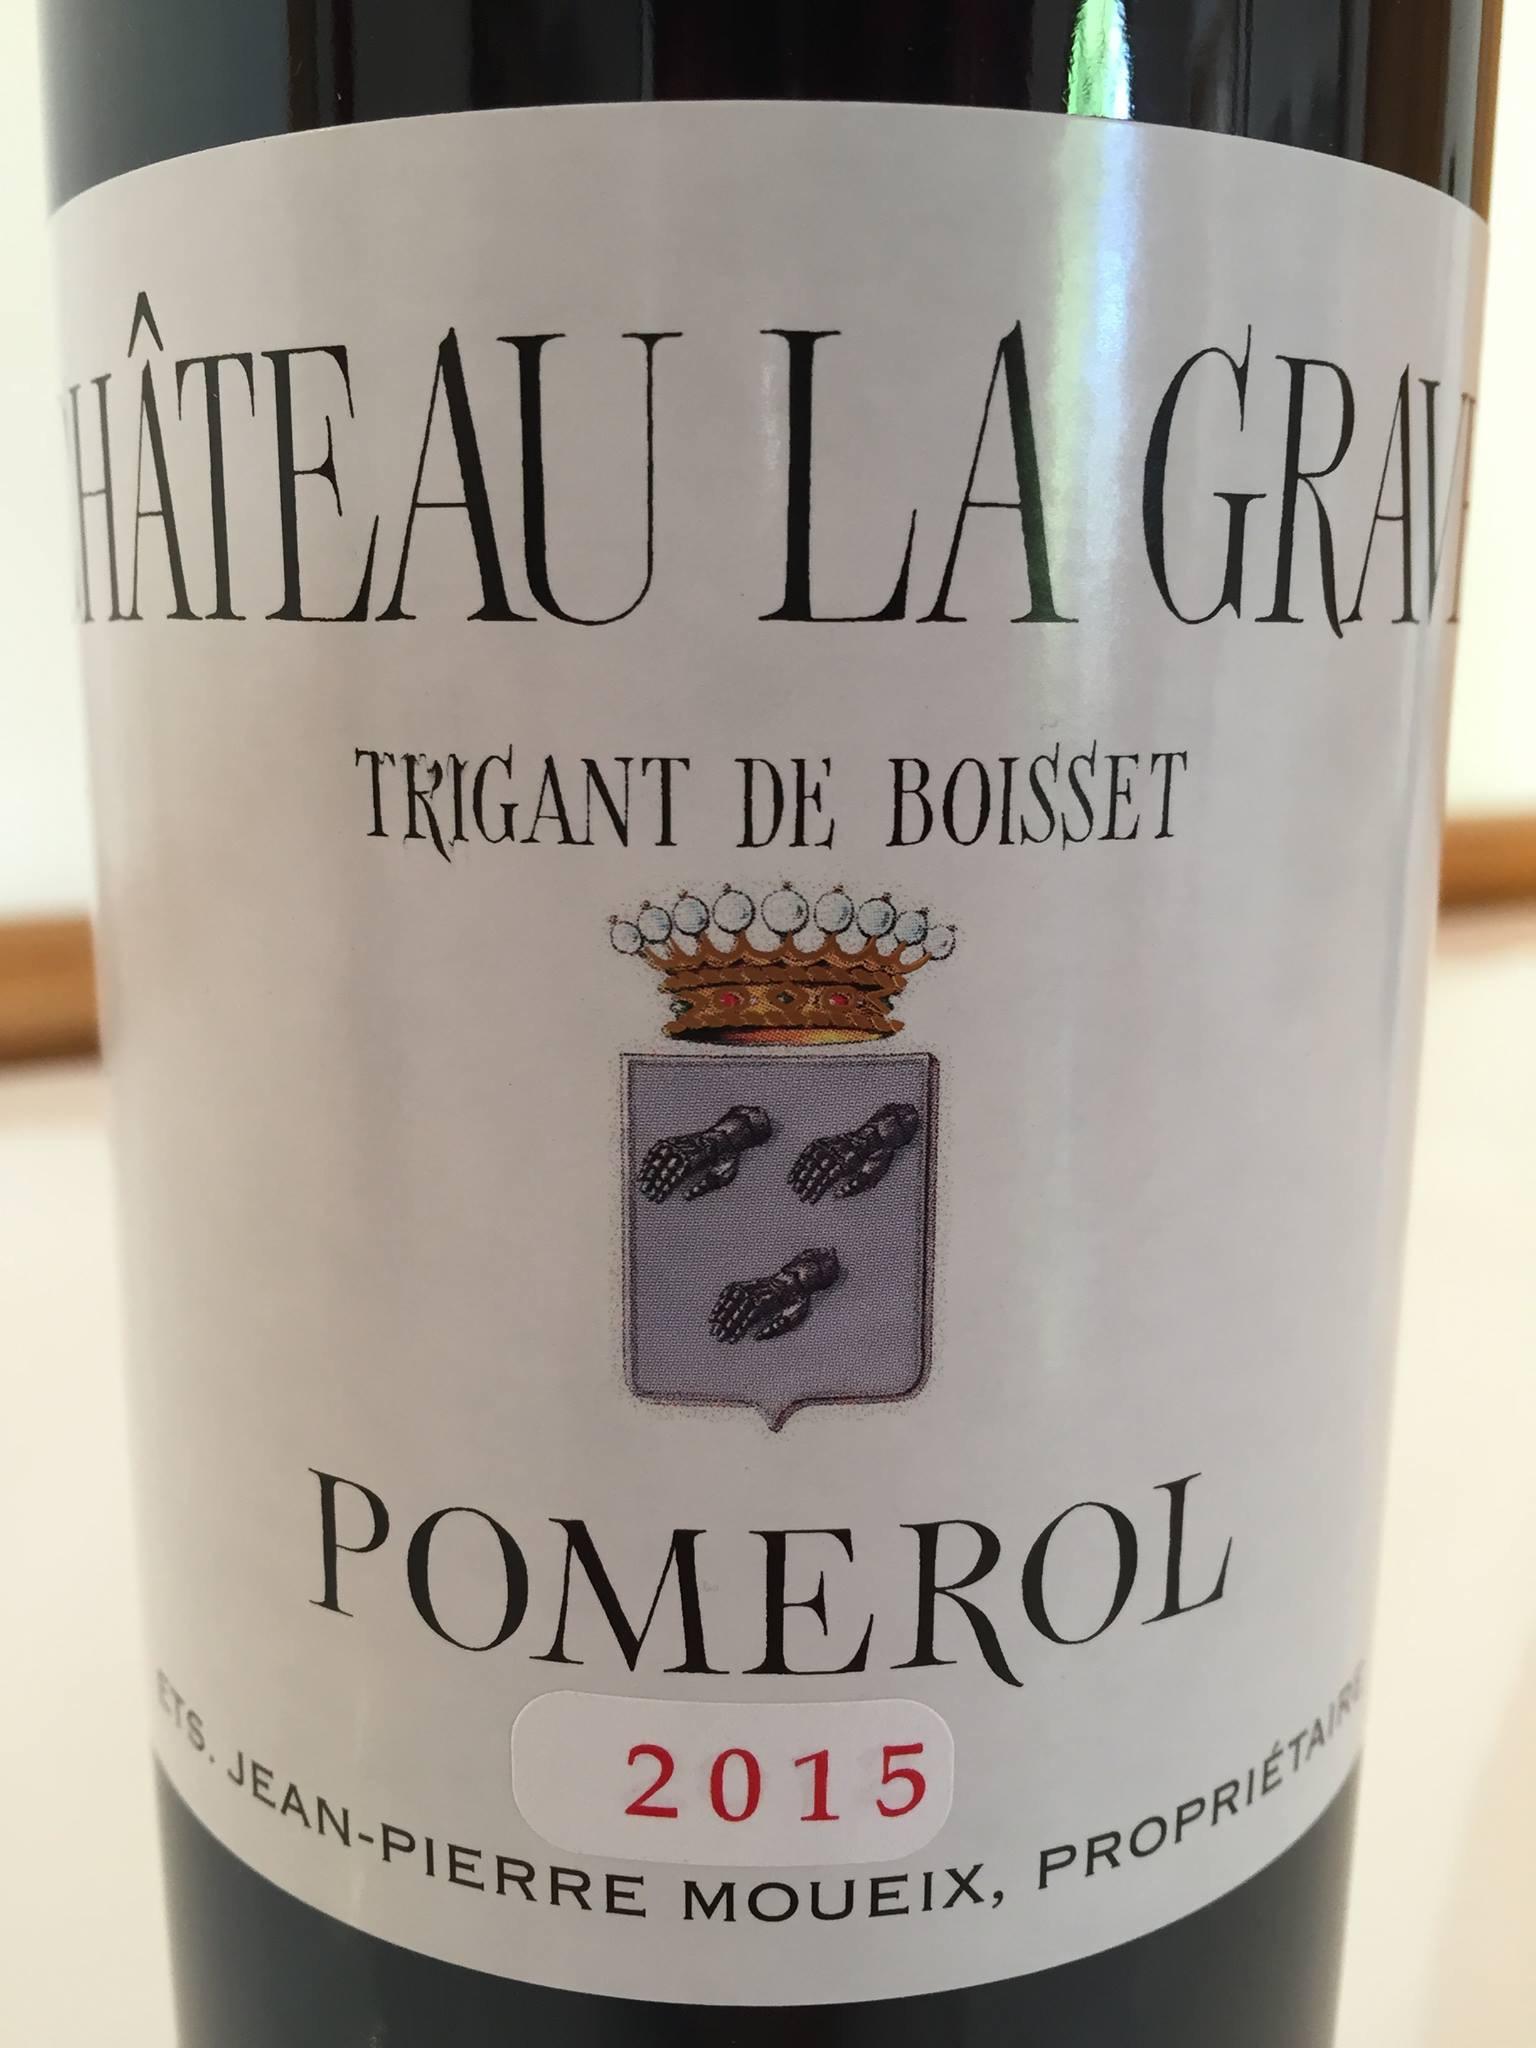 Château La Grave 2015 – Trigant de Boisset – Pomerol